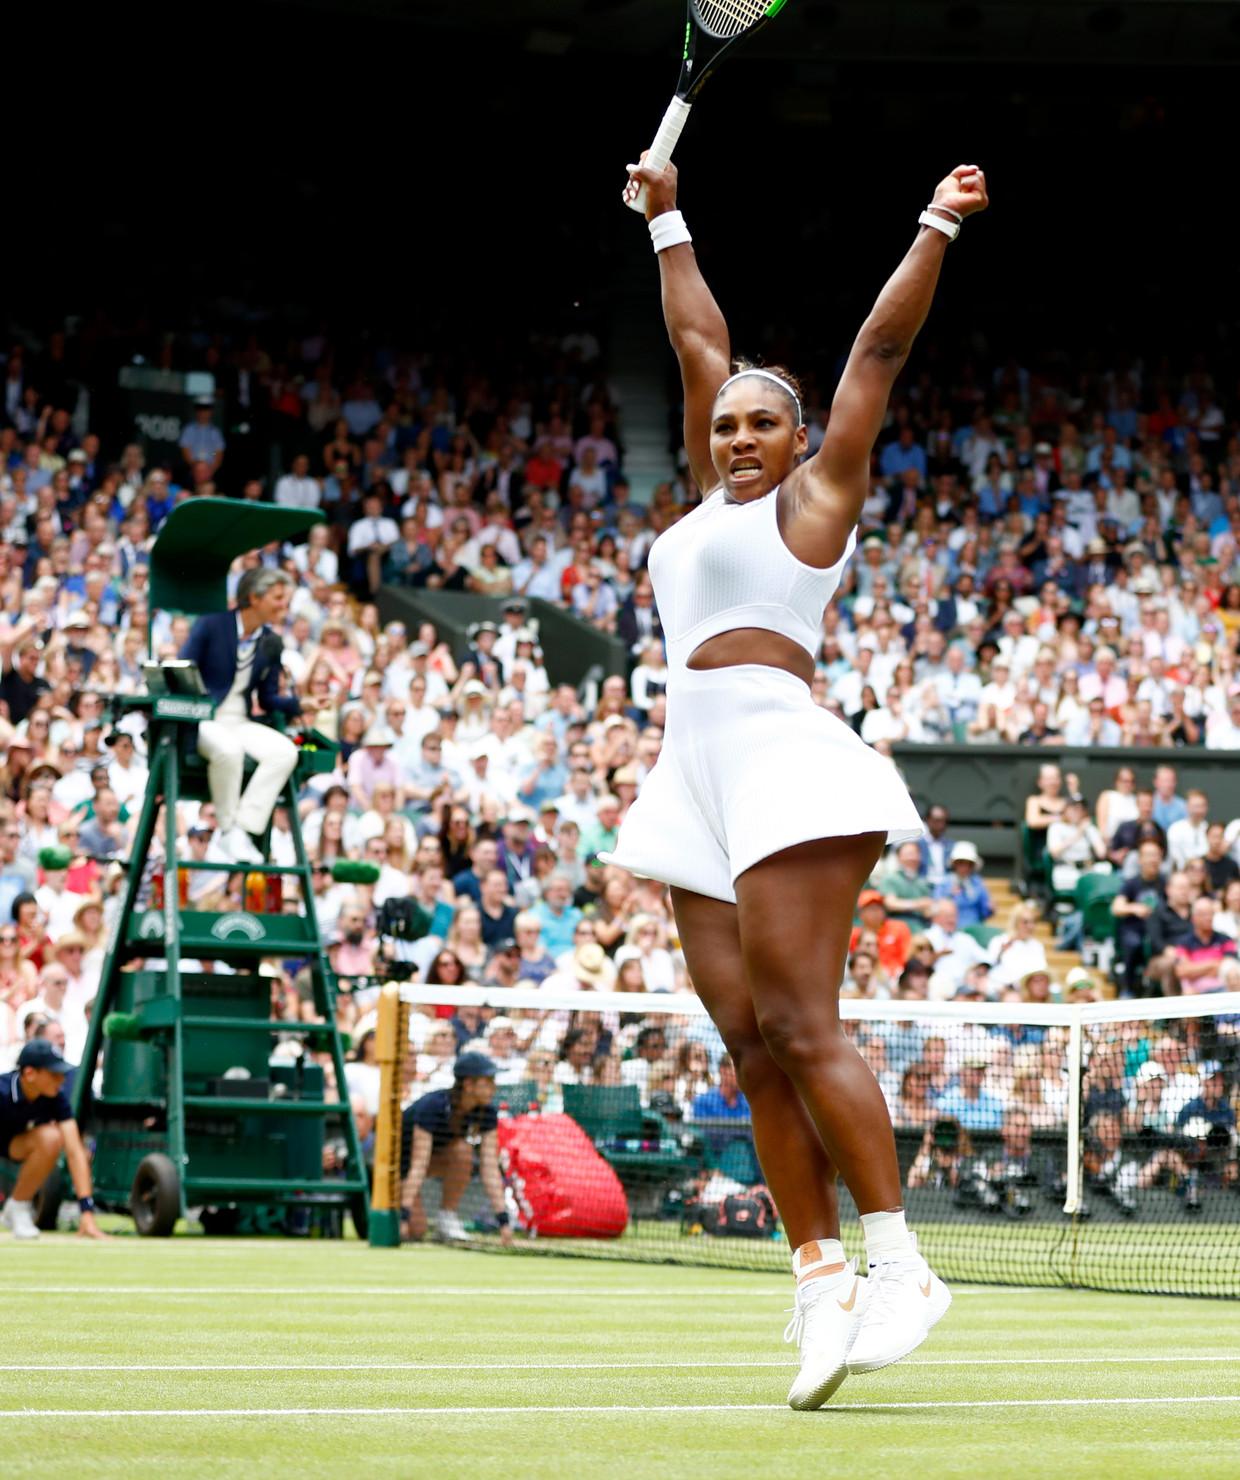 Serena Williams juicht na het bereiken van de halve finales. Beeld EPA